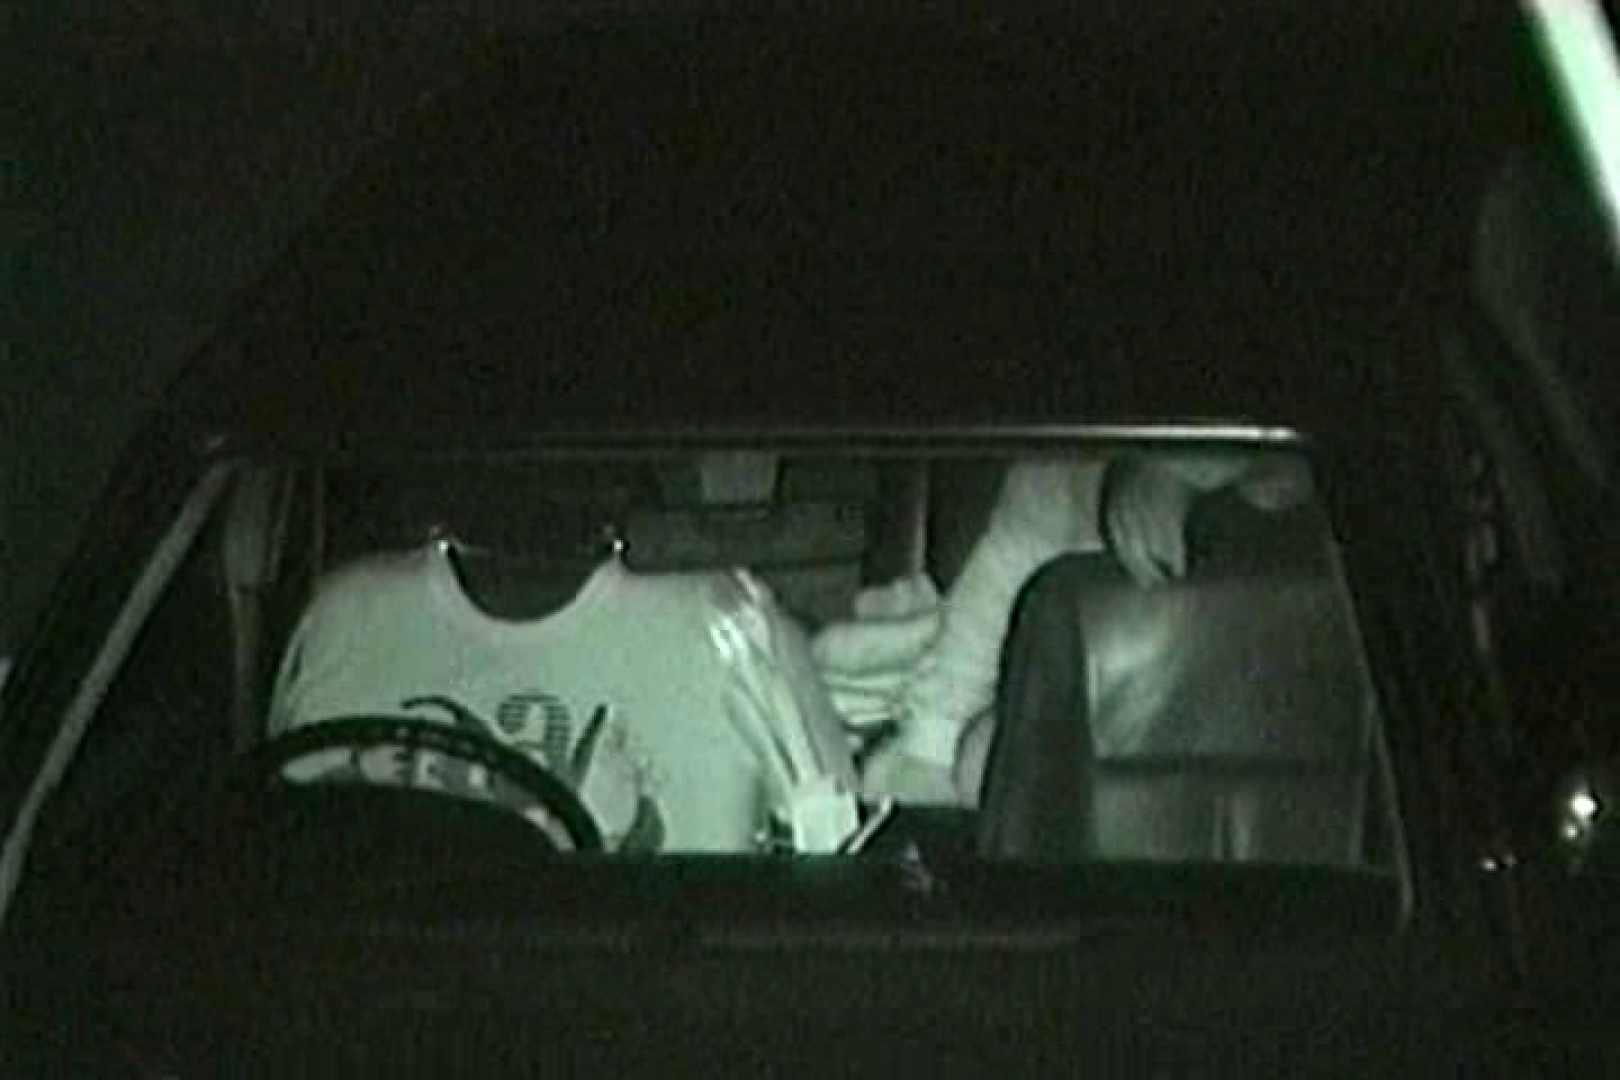 車の中はラブホテル 無修正版  Vol.8 OLエロ画像 盗み撮りSEX無修正画像 108PICs 98